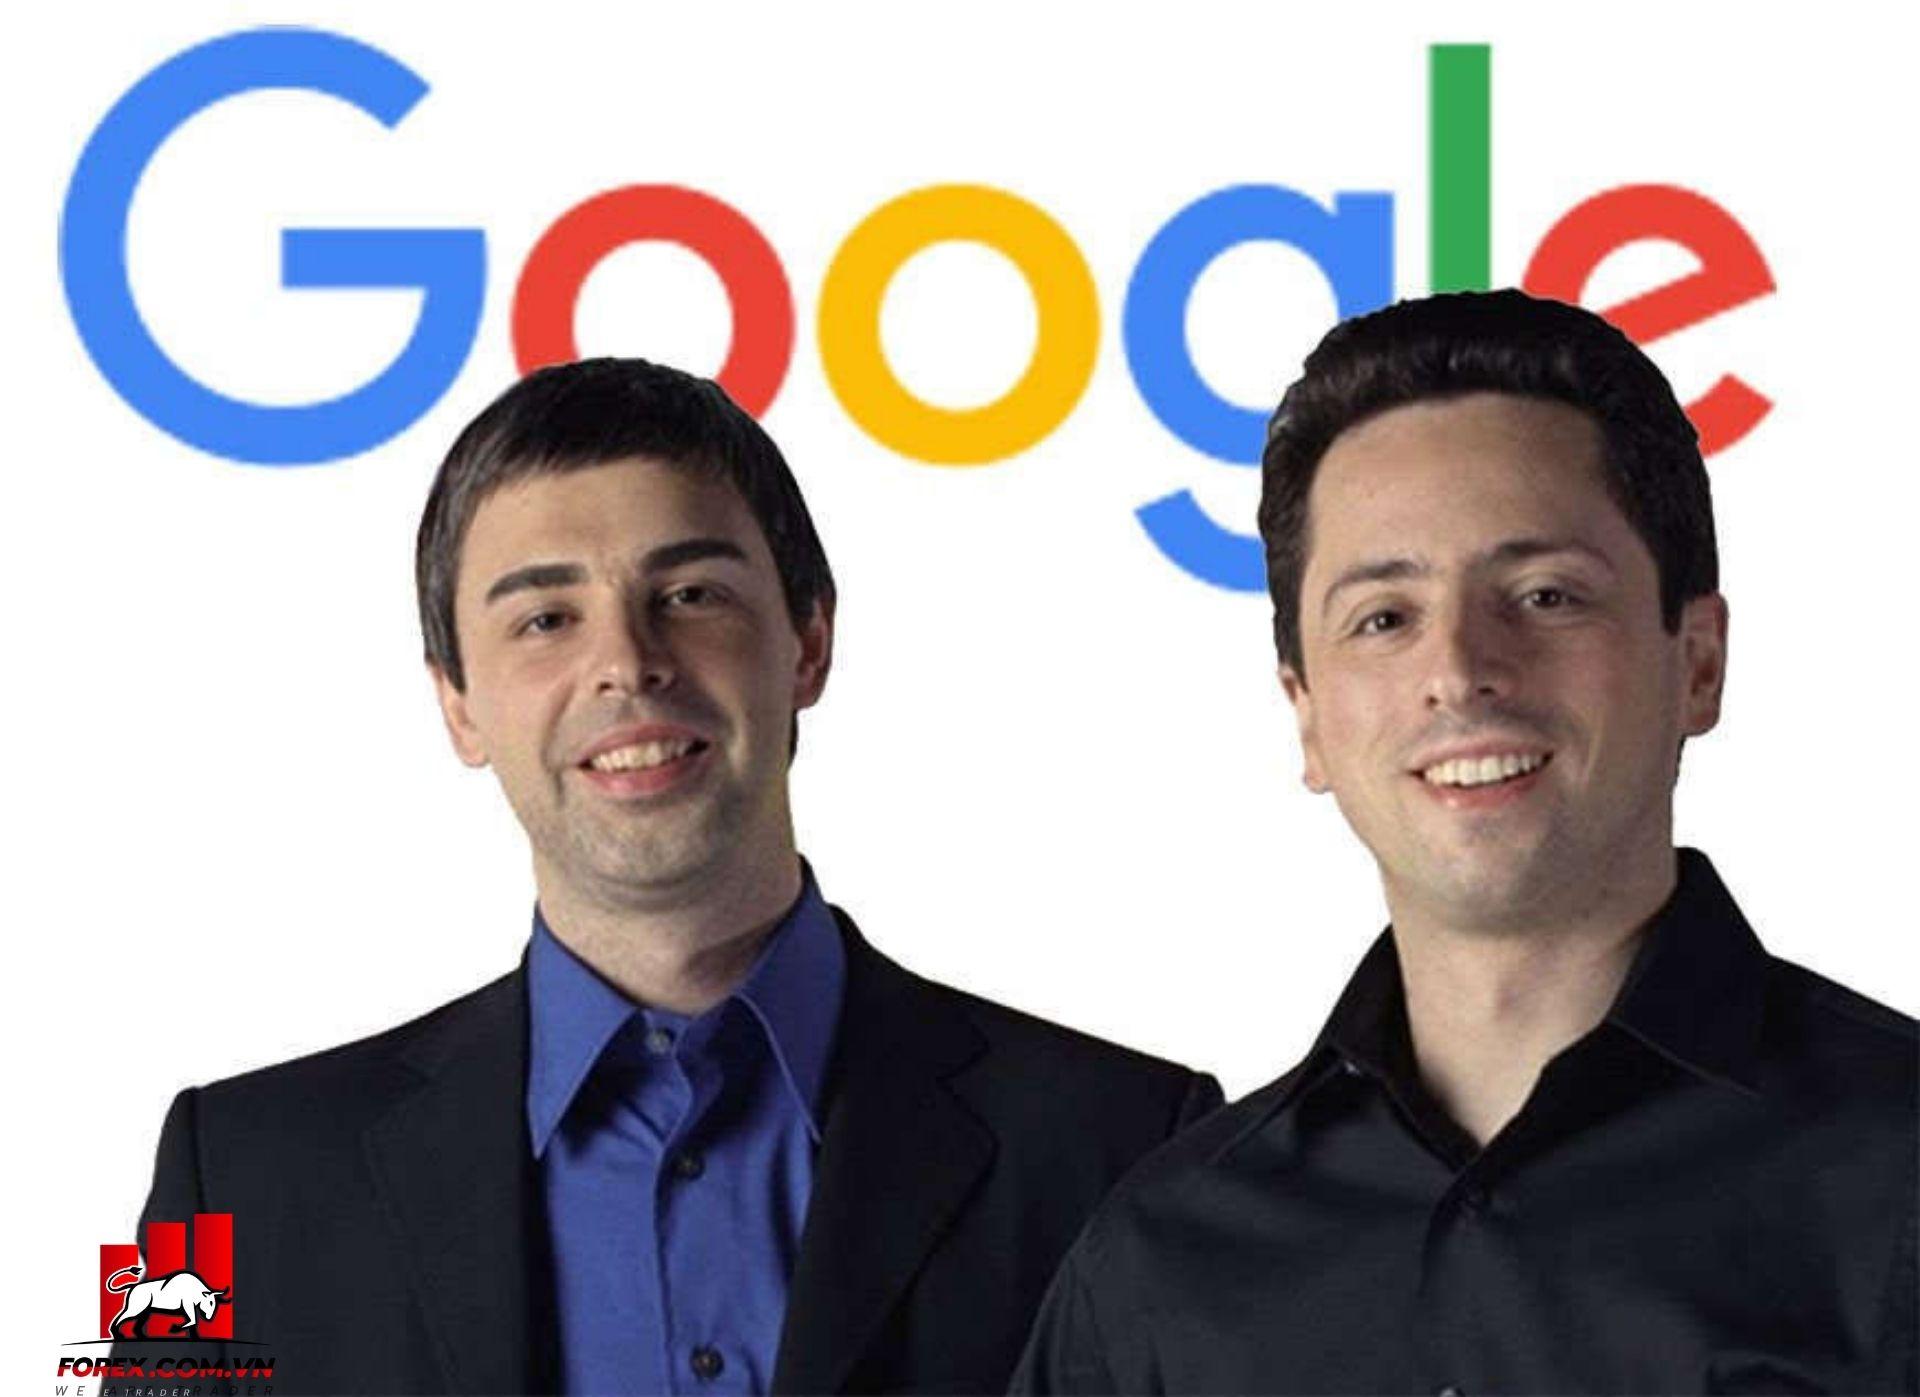 Nhà đồng sáng lập Google Larry Page và Sergey Brin